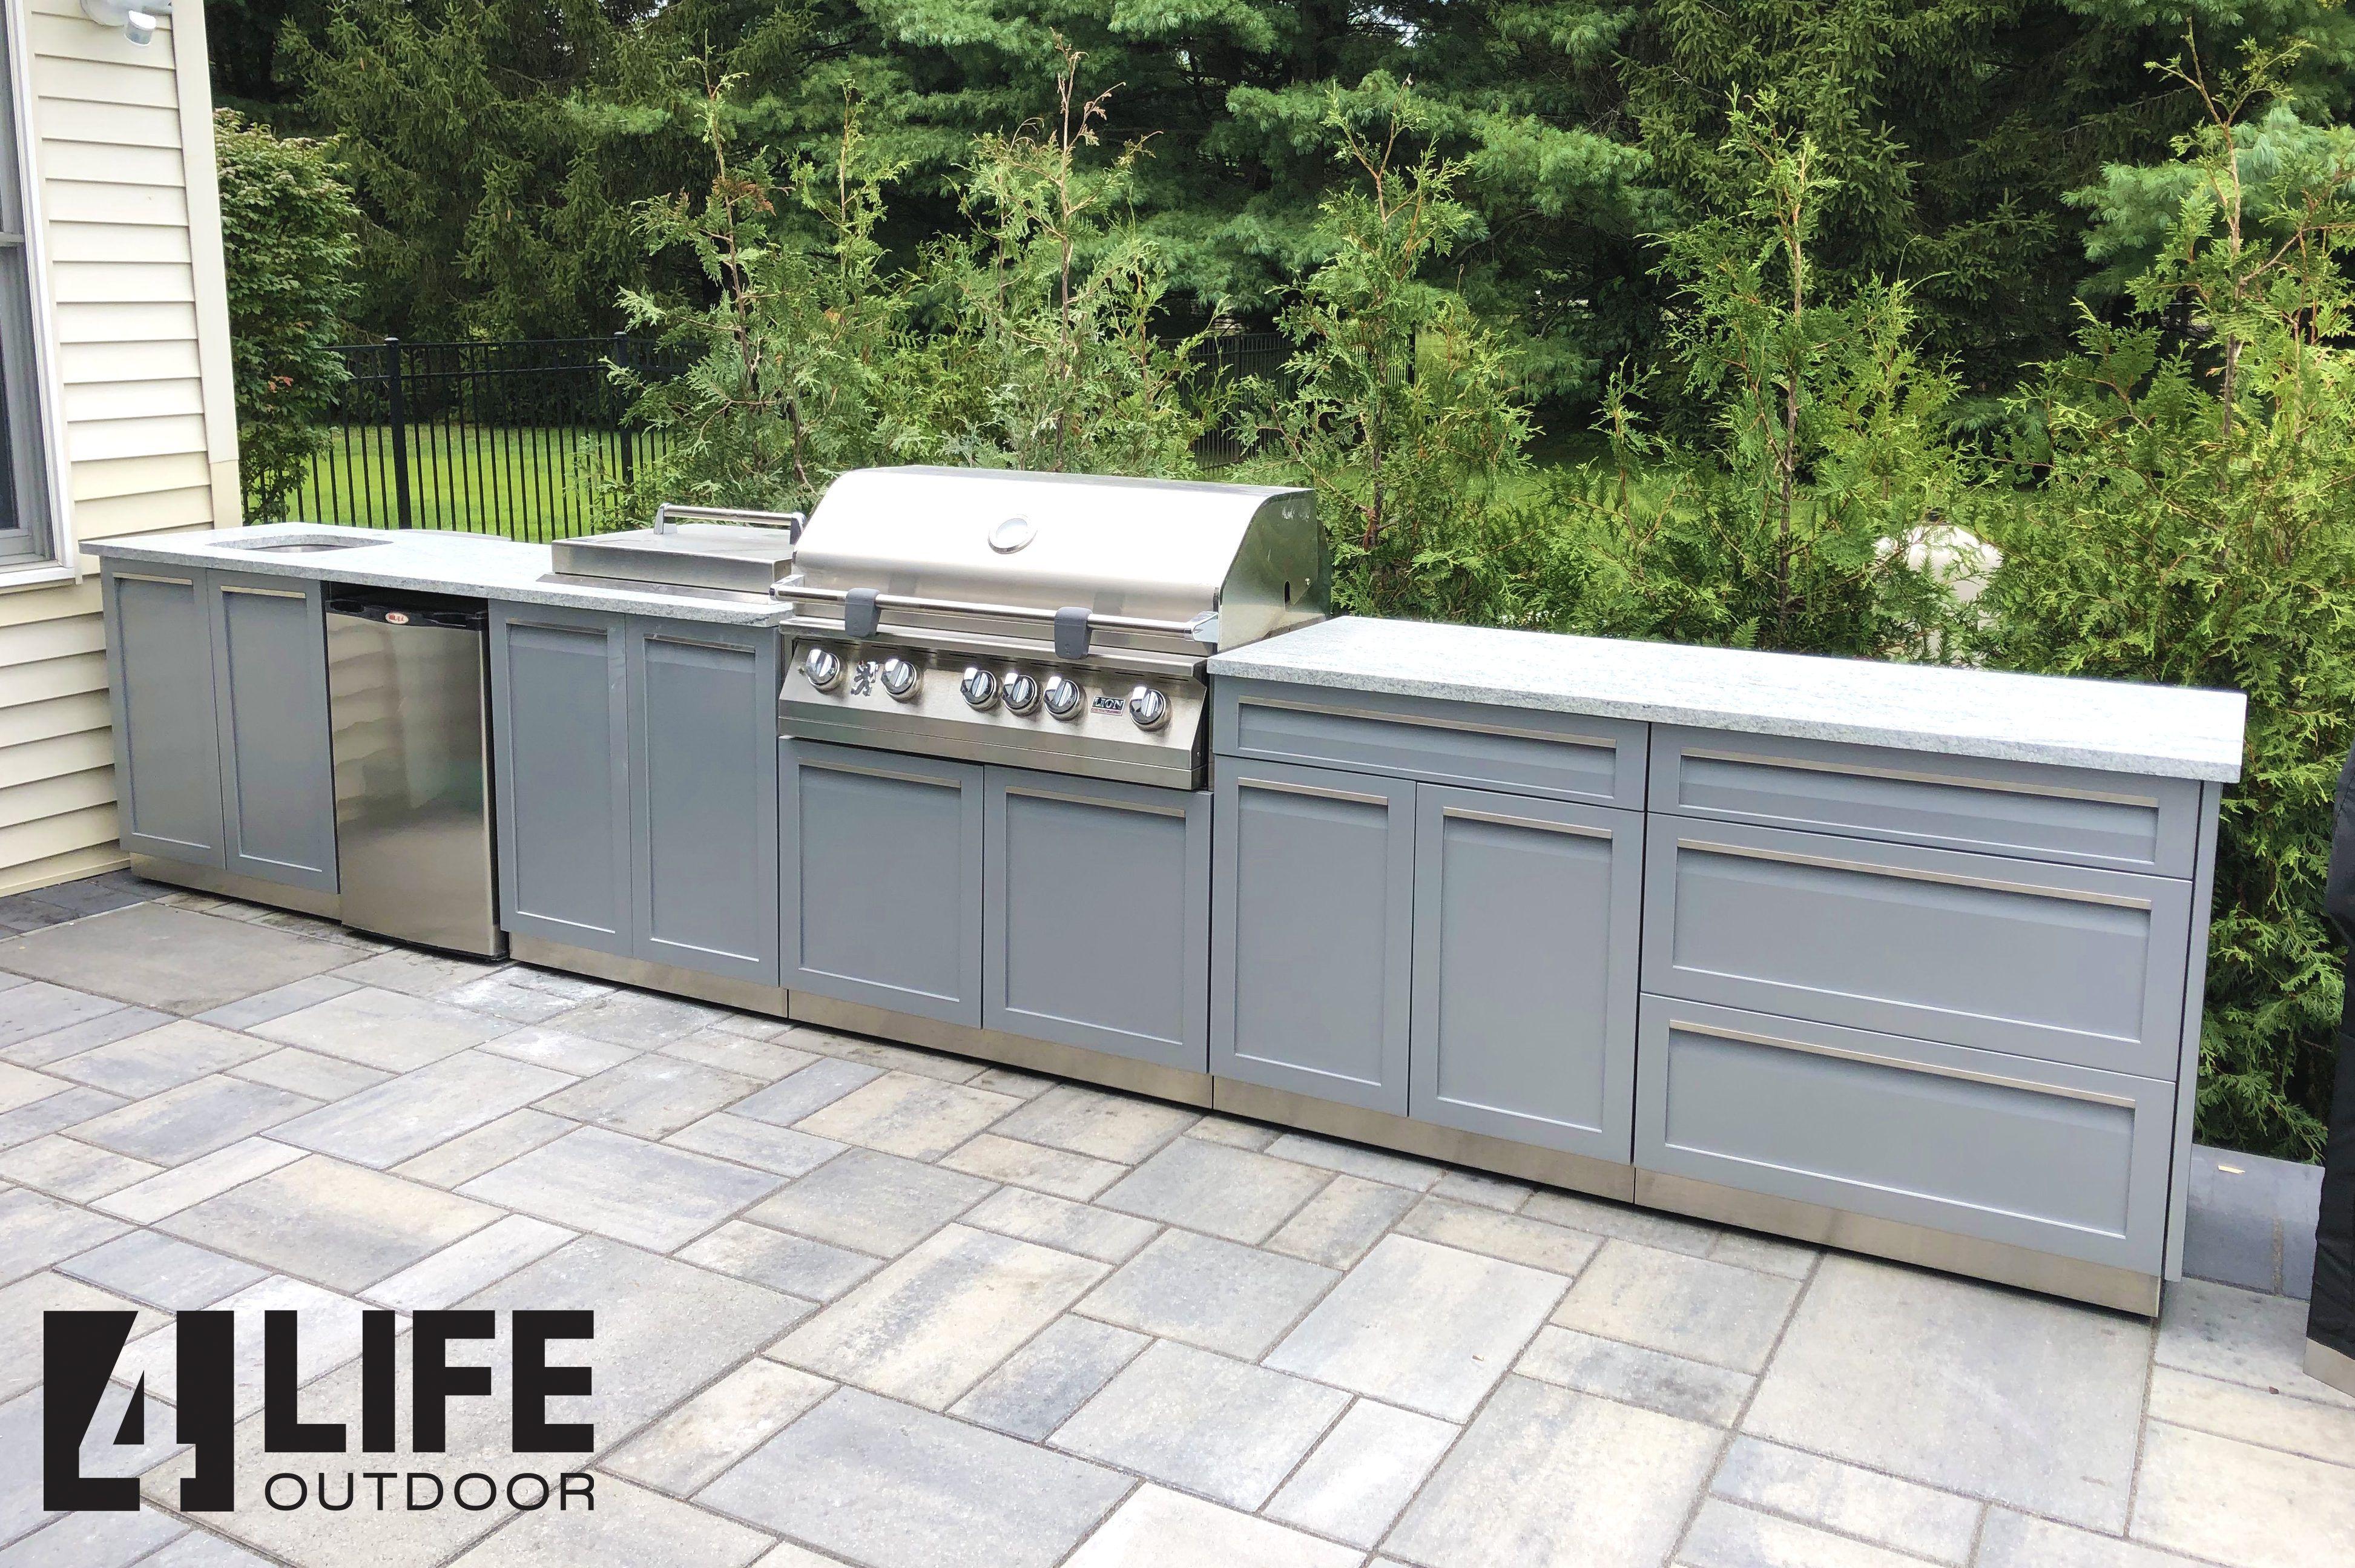 4 Piece Gray Stainless Outdoor Kitchen Cabinet Set Outdoor Kitchen Cabinets Kitchen Set Cabinet Outdoor Kitchen